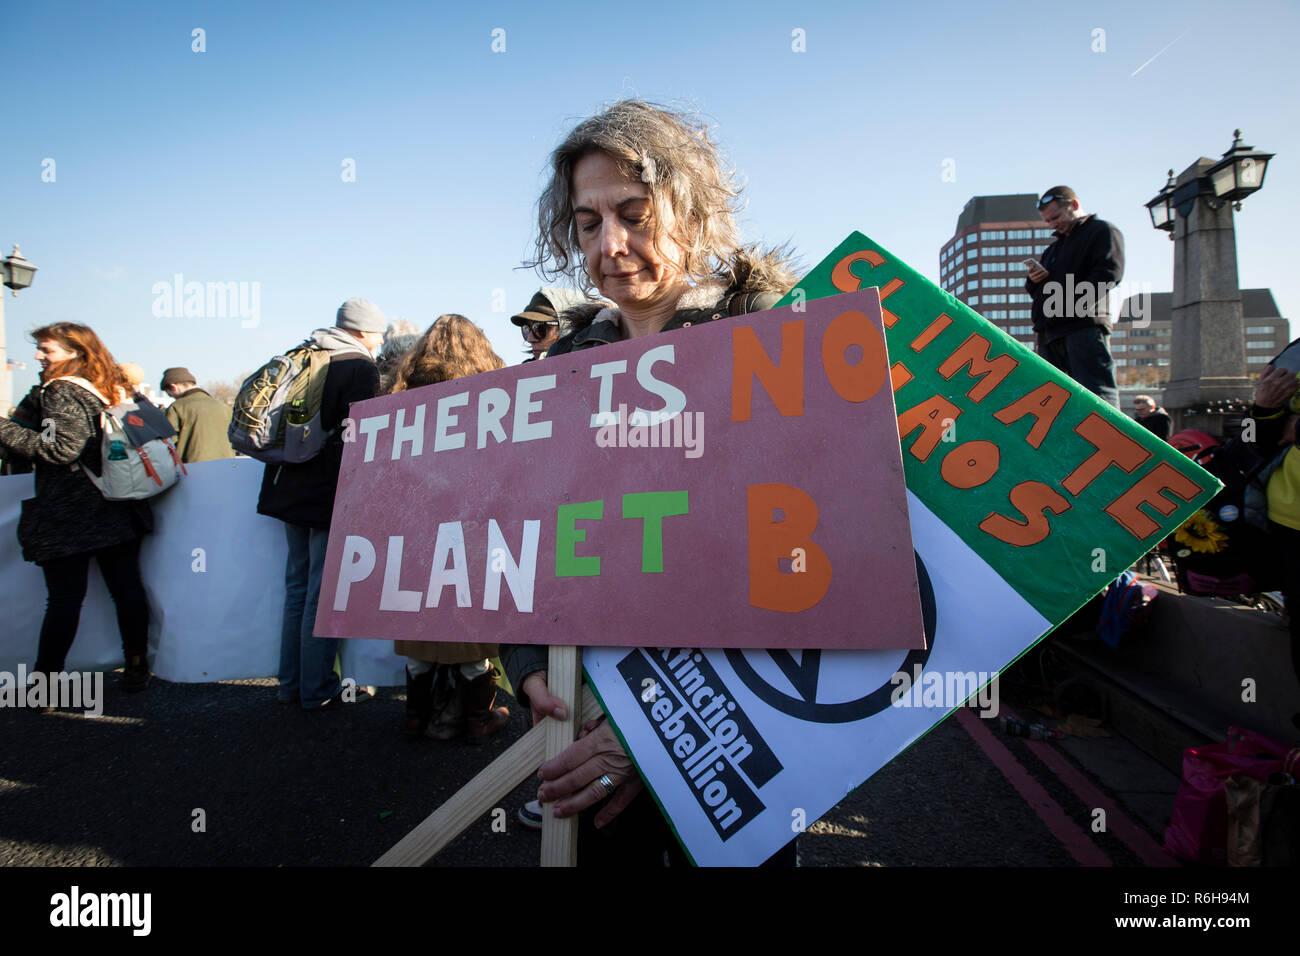 Extinción rebelión clima manifestantes se reunieron en Londres para intentar bloquear los principales cinco puentes que cruzan el río Támesis clima exigente acción, UK Foto de stock